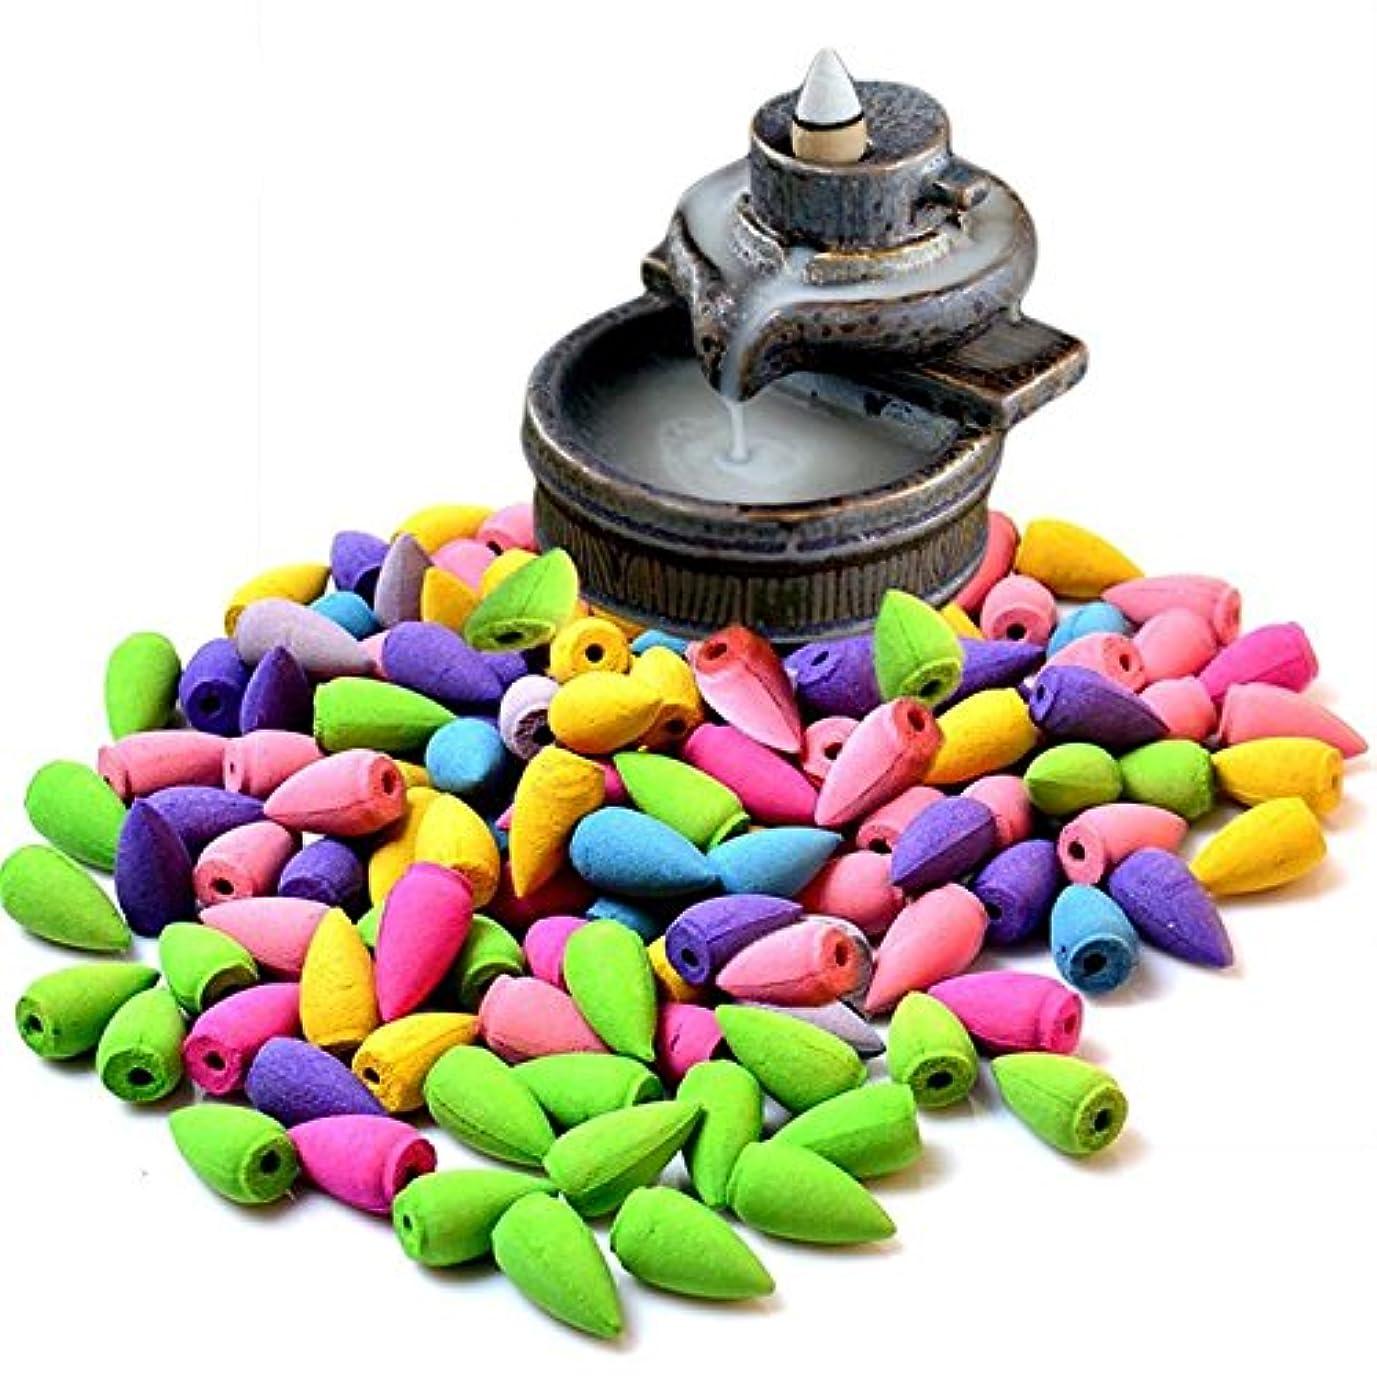 含意やめる風刺逆流100個自然煙PagodaインドアIncense円錐Bullet HouseholdアロマセラピーフォレストSmell